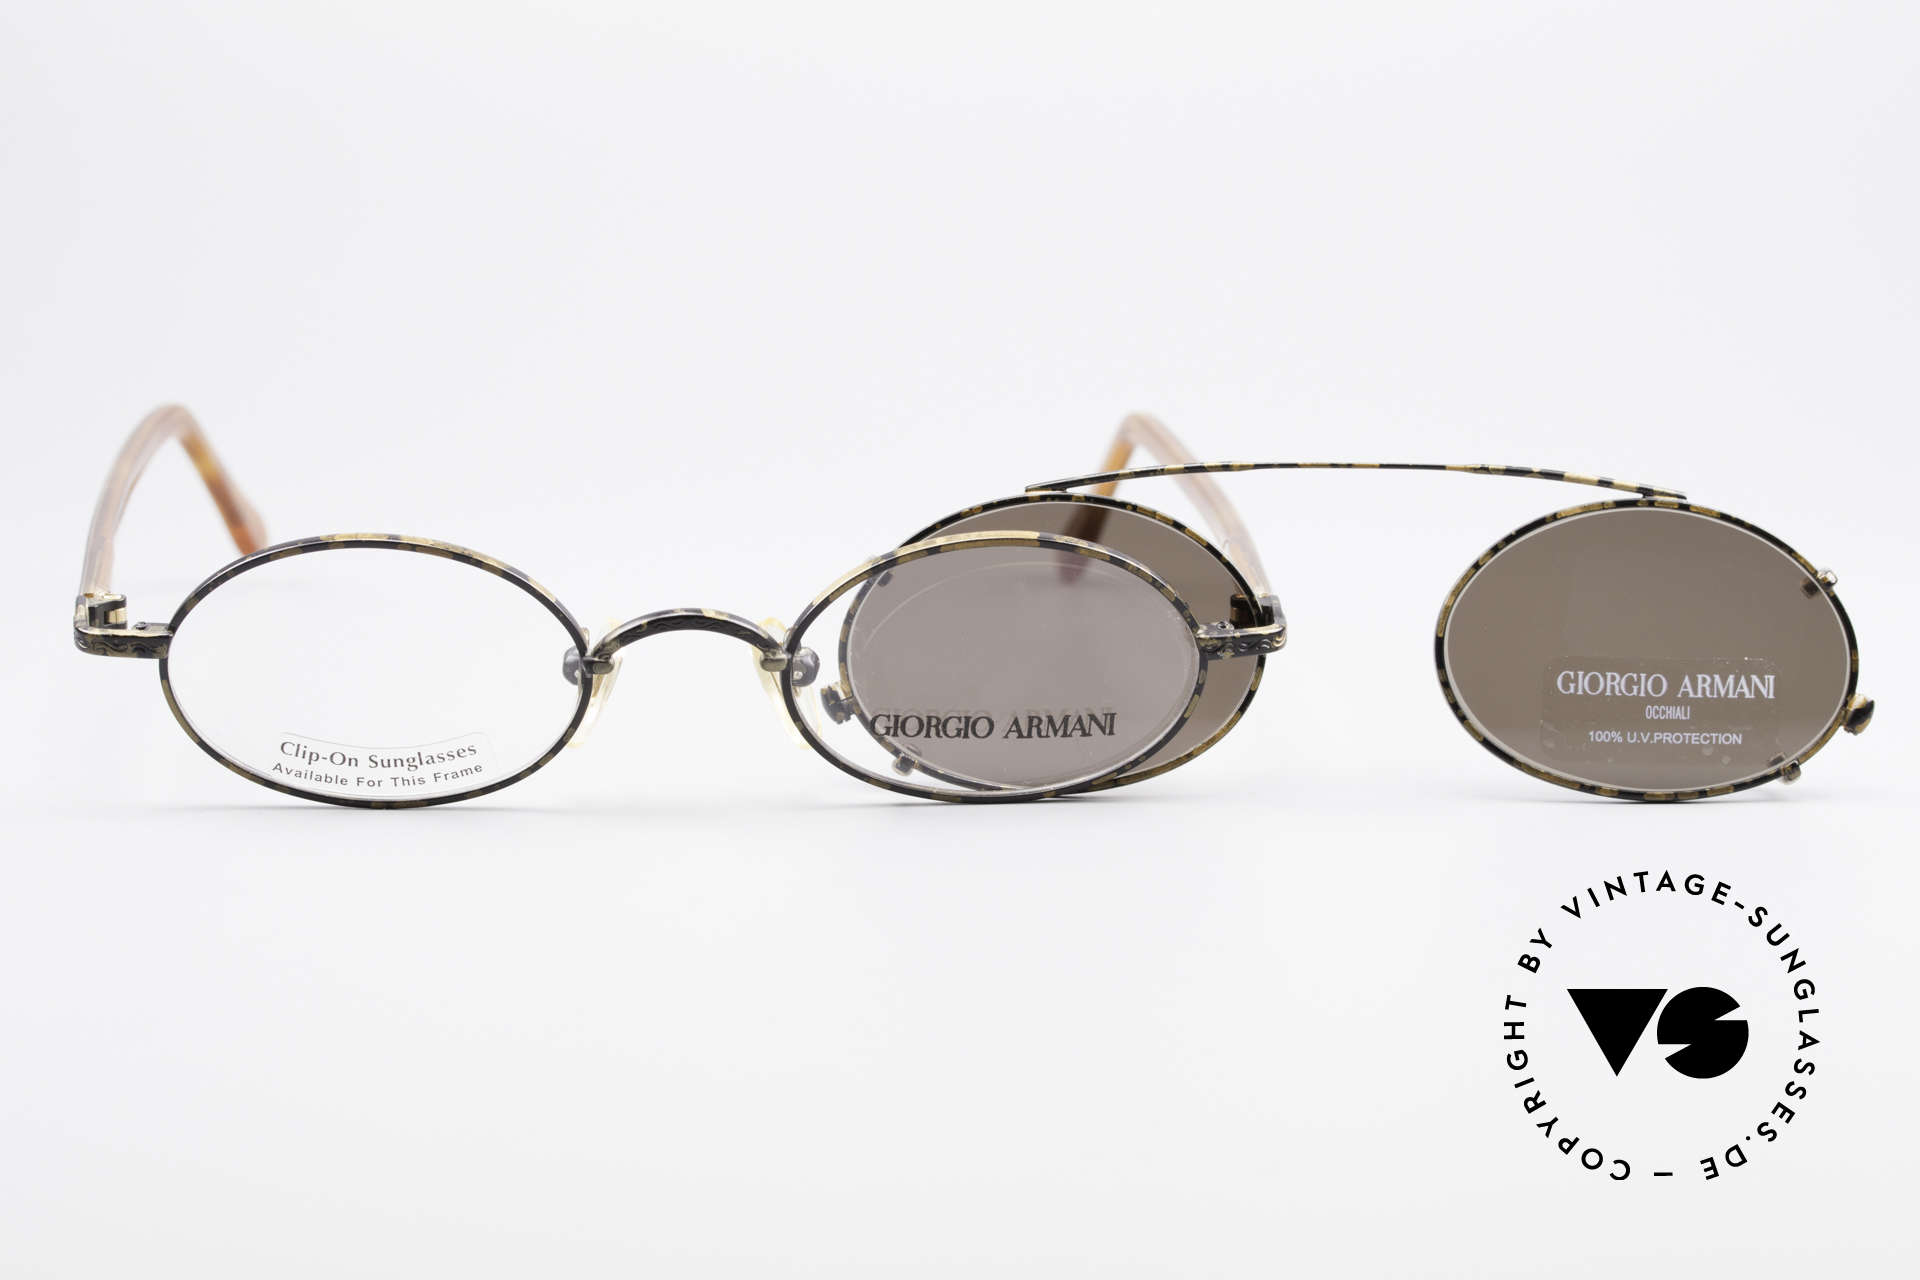 7fd77b9e67a3 Sonnenbrillen Giorgio Armani 250 Clip On Vintage Sonnenbrille ...